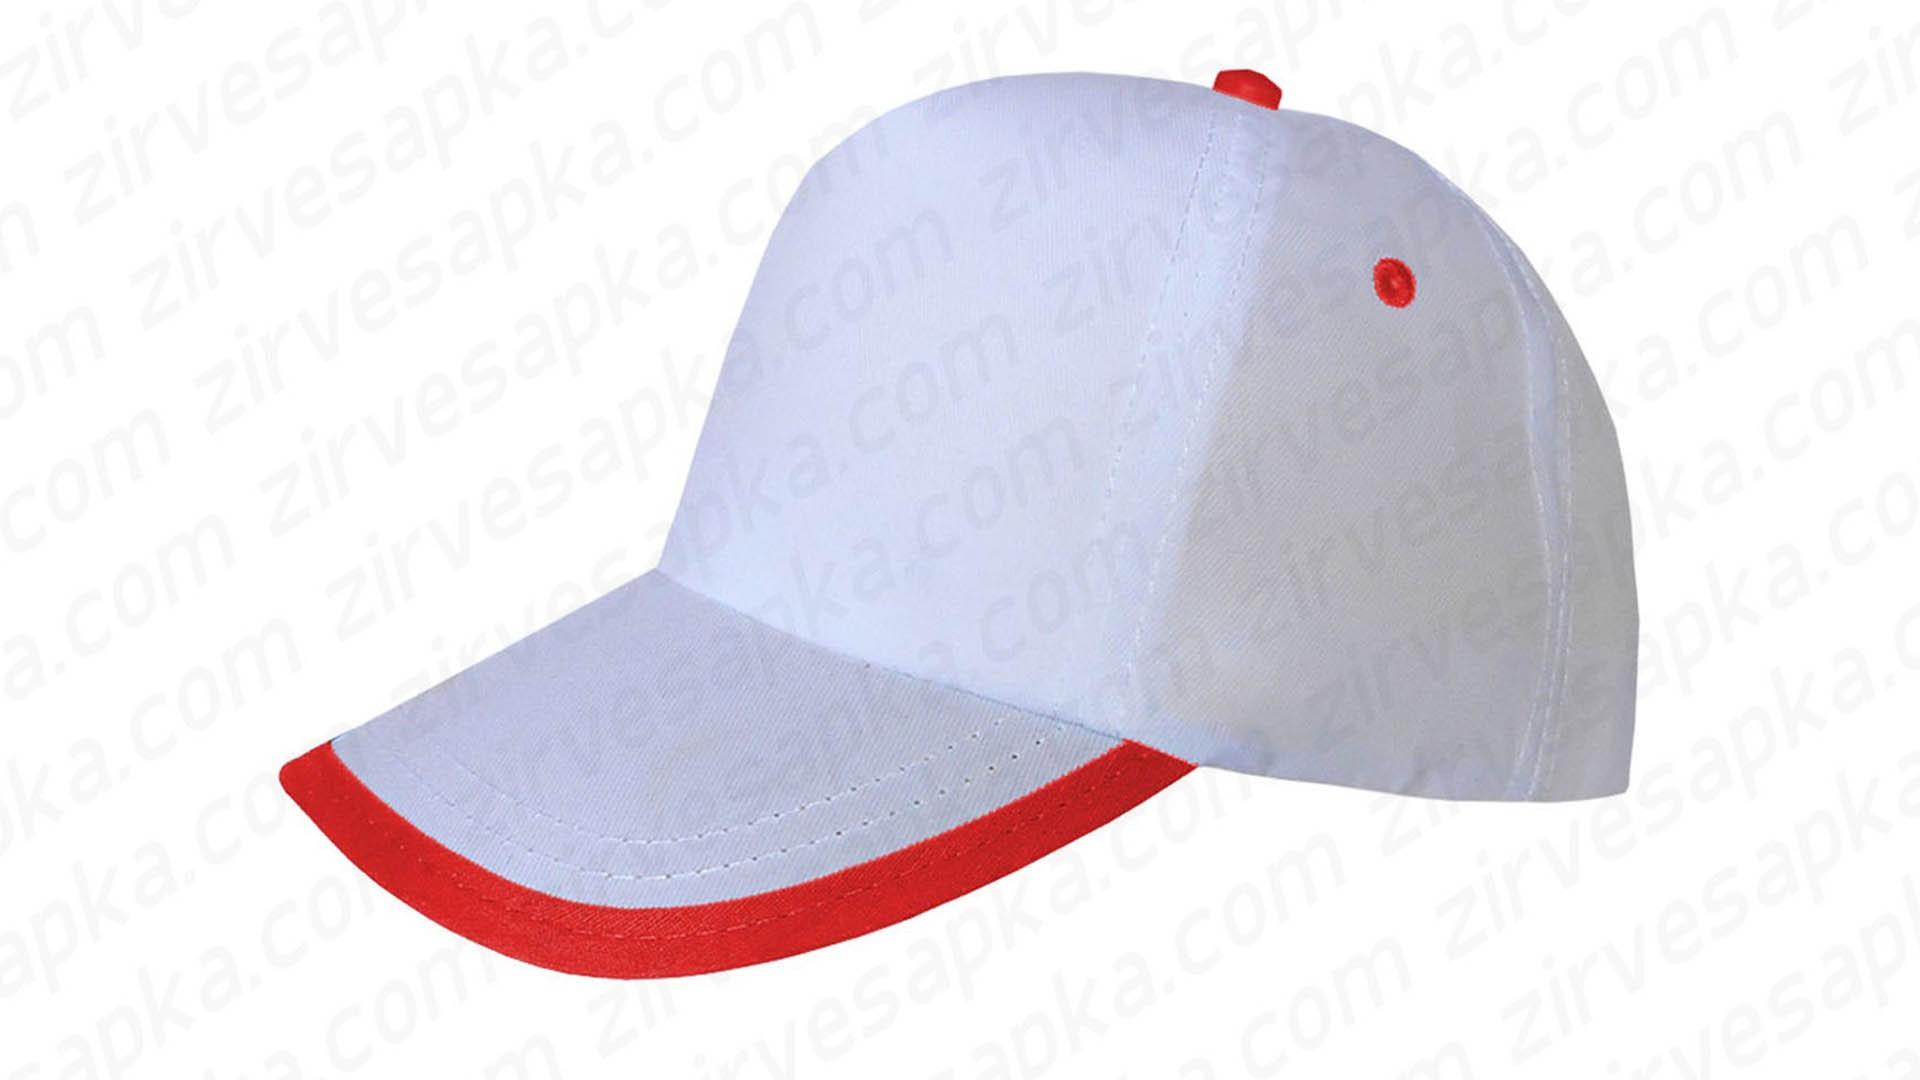 Siperi Biyeli Bereket Şapka - Beyaz Kırmızı